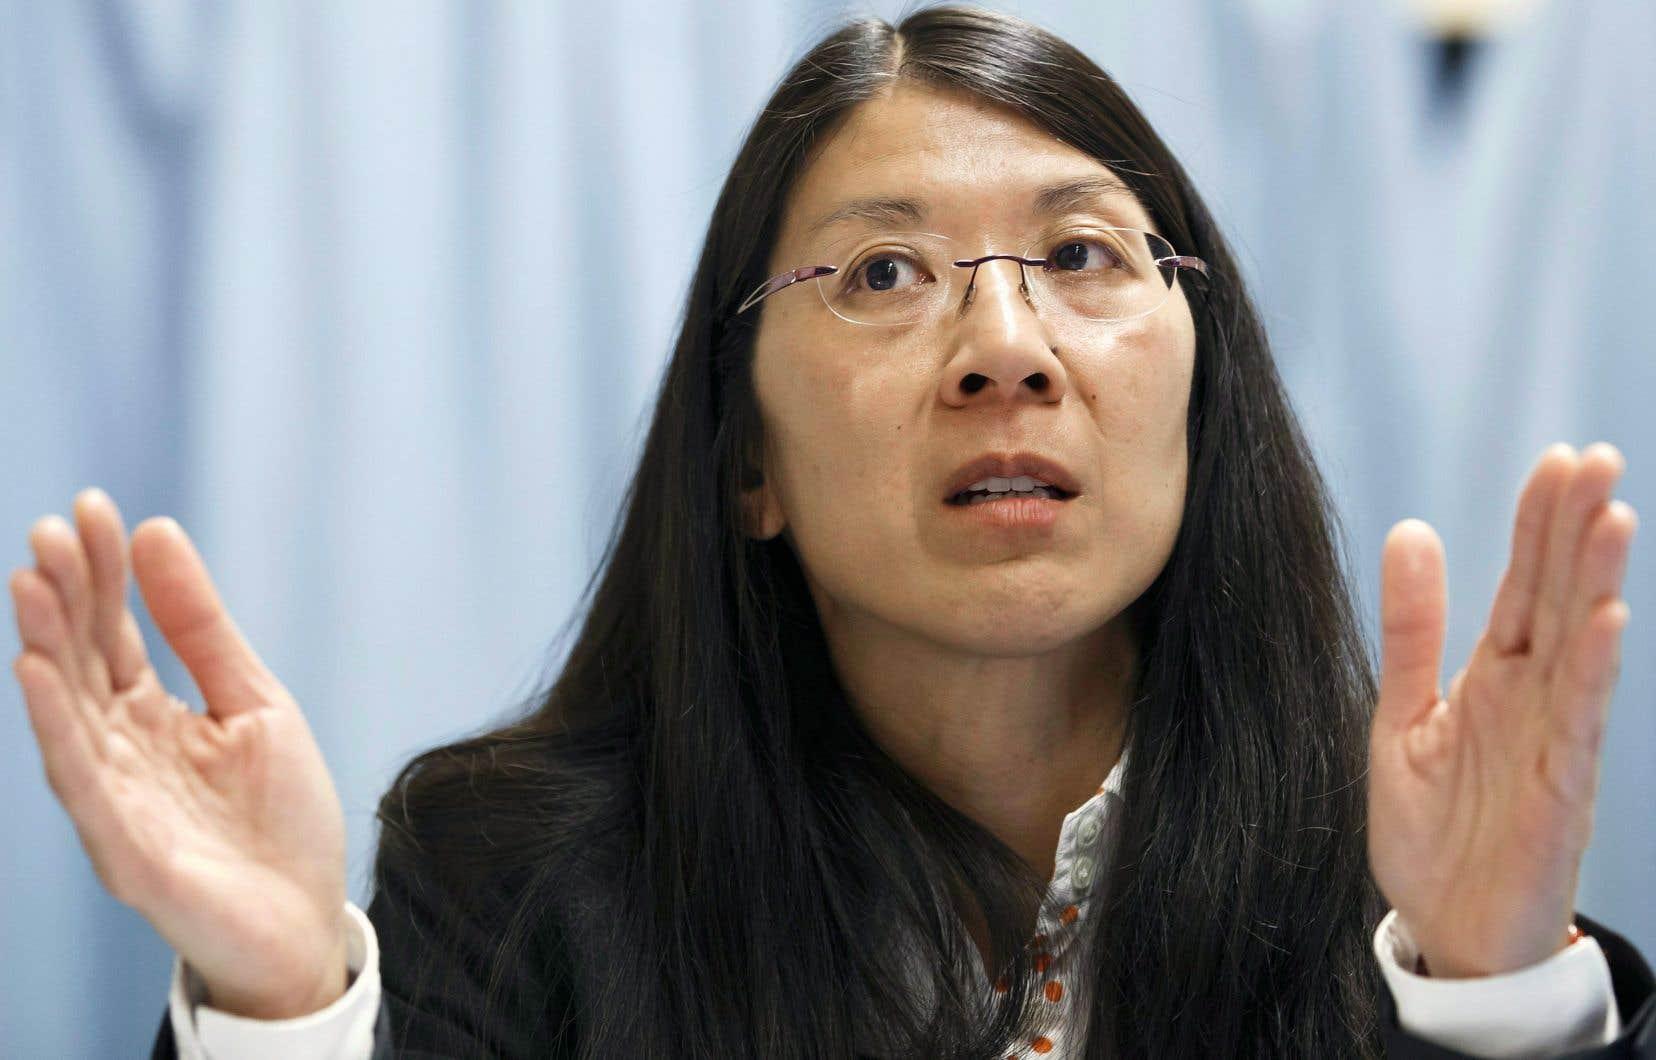 La présidente de Médecins sans frontières, la pédiatre urgentologue originaire de Québec Joanne Liu, s'est adressée à un auditoire réuni par le Conseil des relations internationales de Montréal (CORIM).